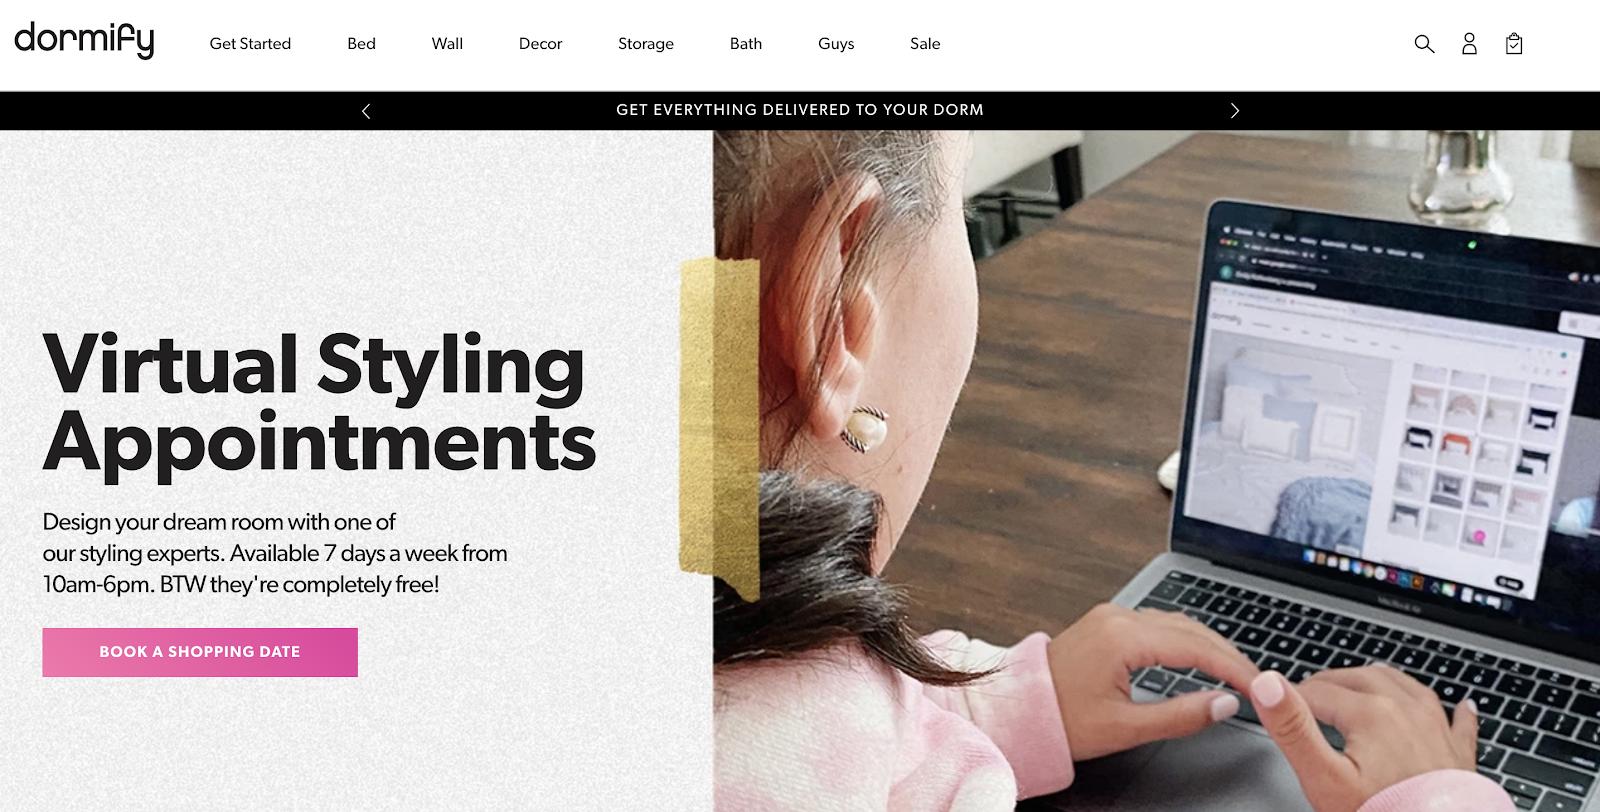 Dormify Website